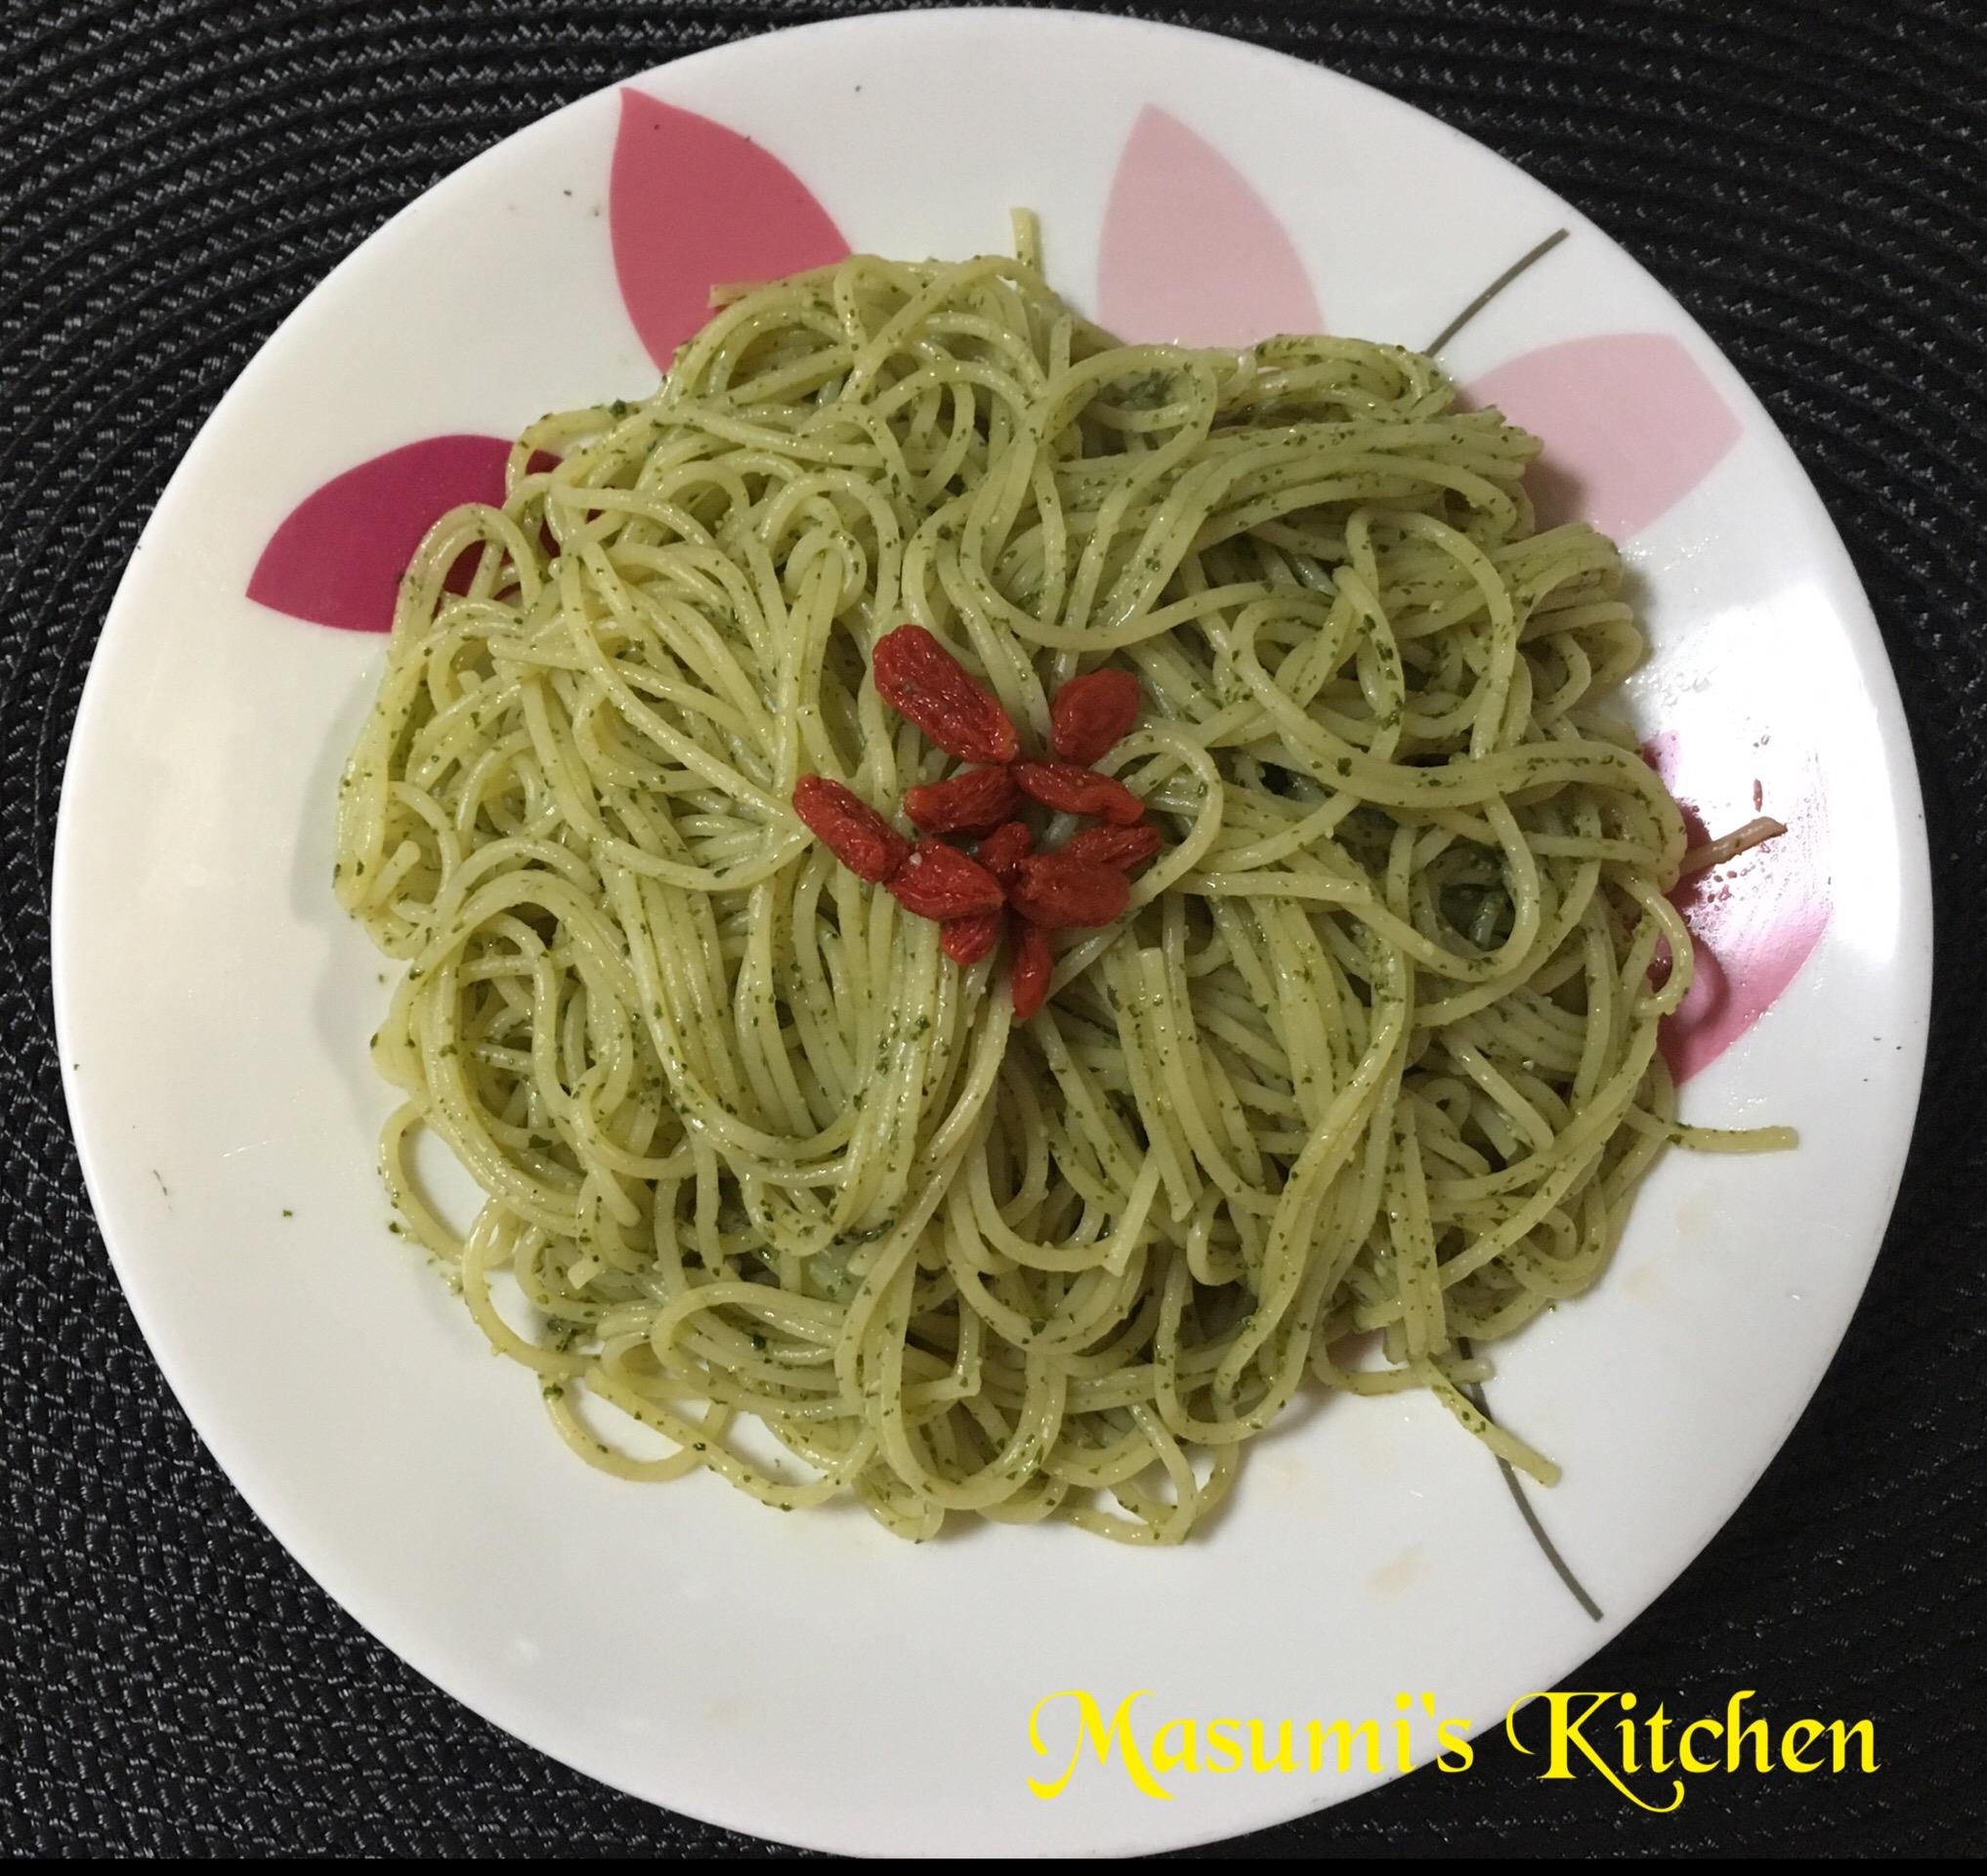 http://www.okireci.net/blog/upimages/IMG_7639.JPG